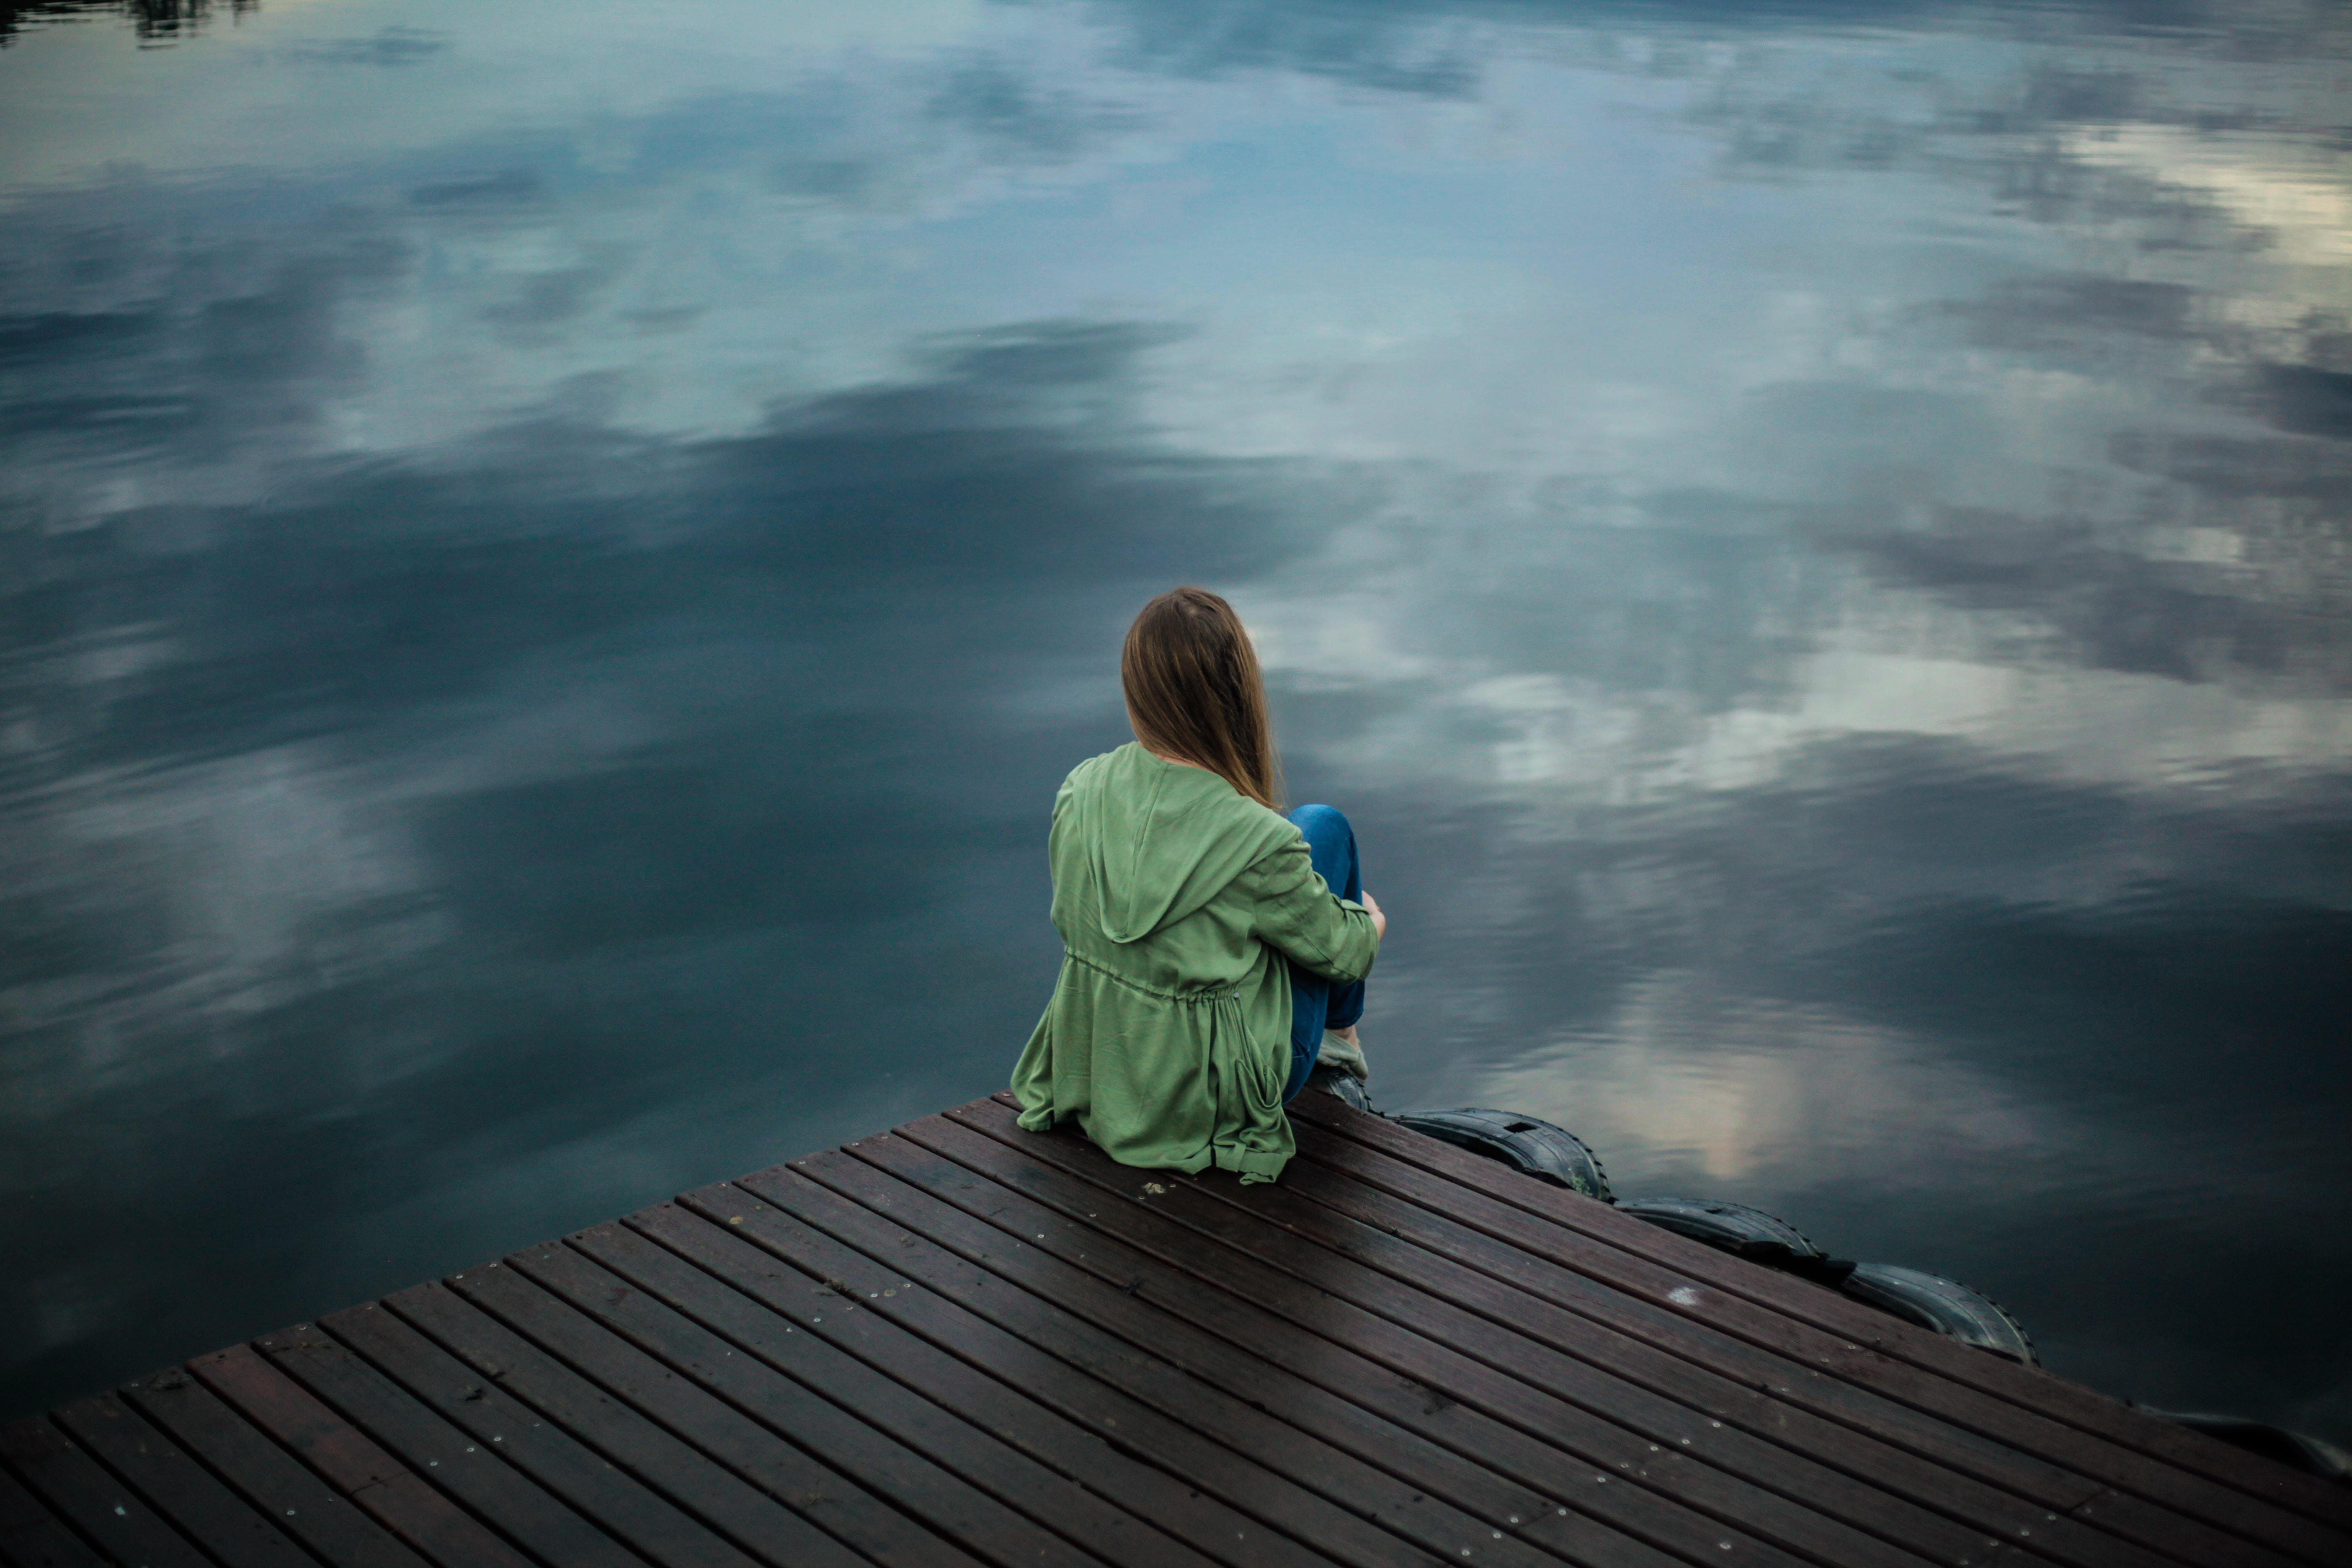 woman sitting on dock near body of water